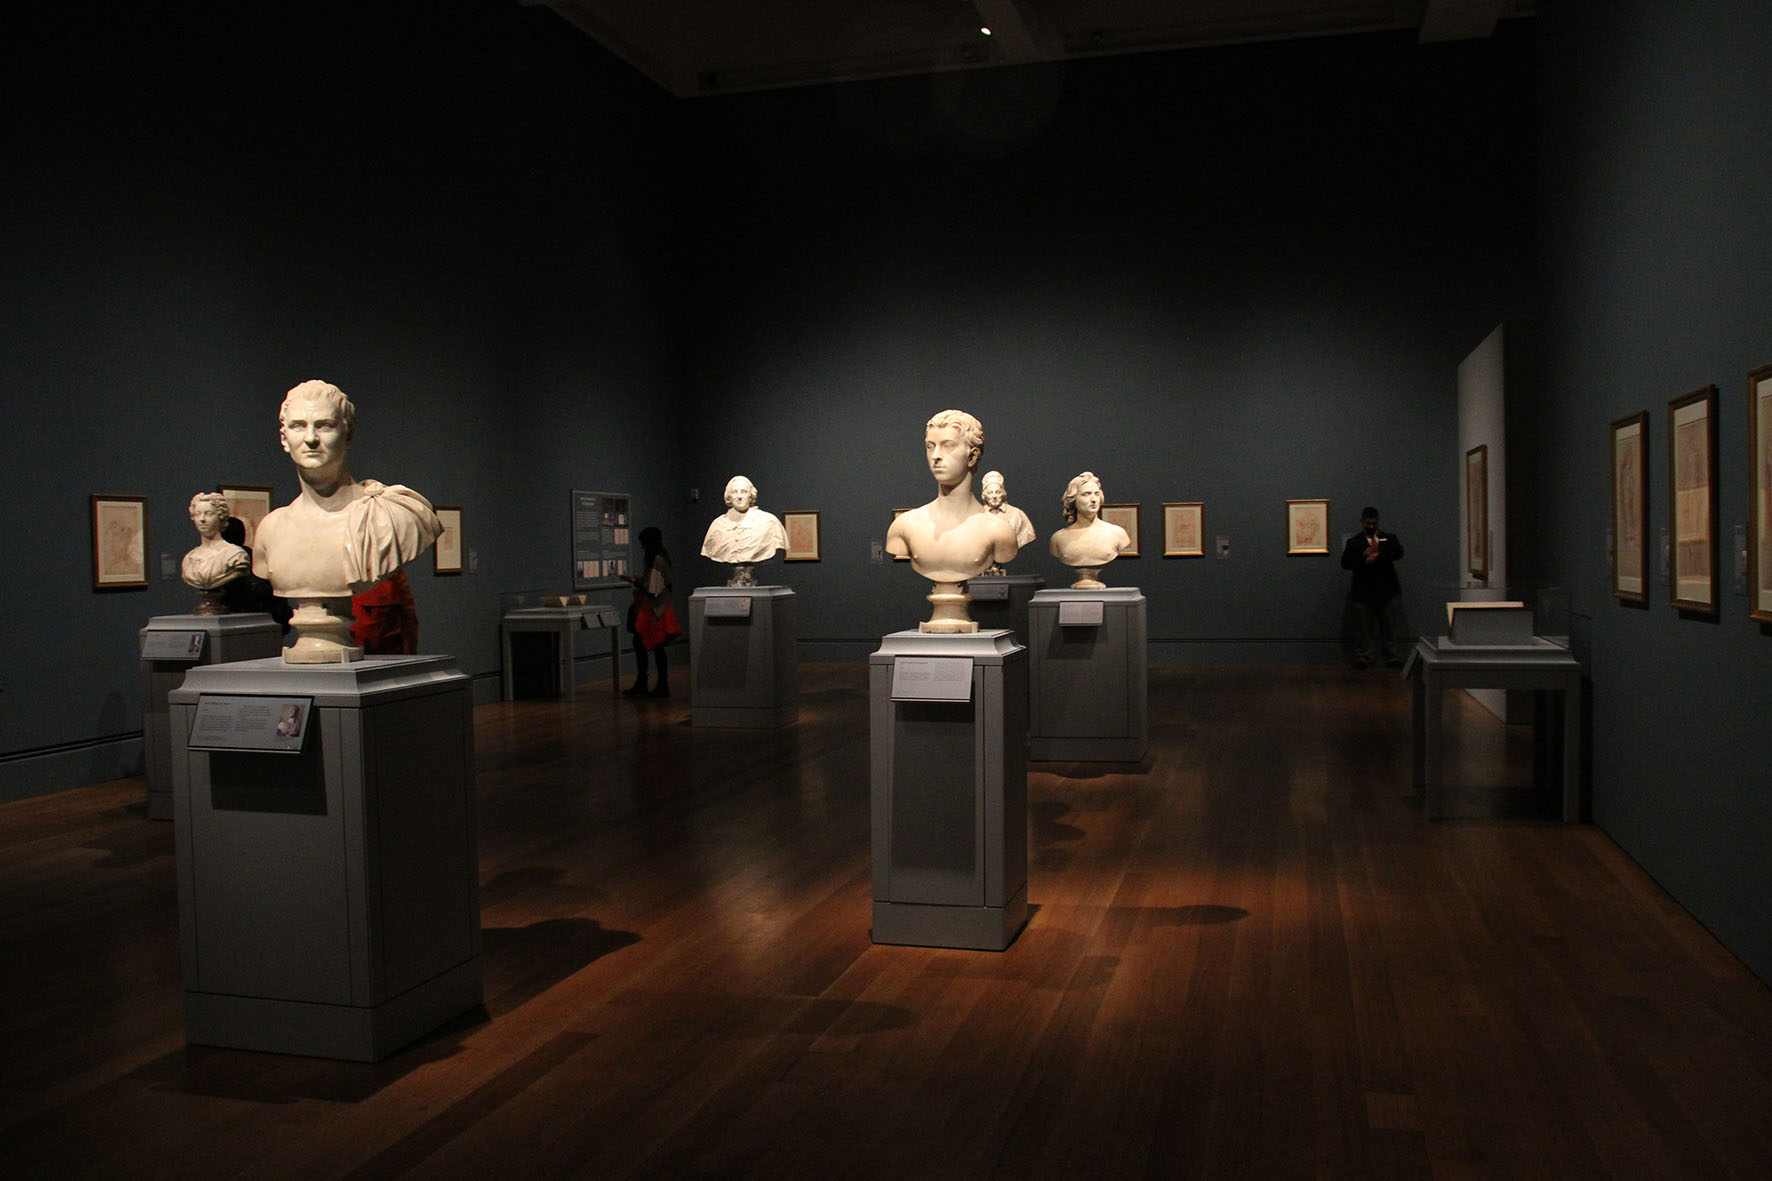 Explorando el mundo expositivo - Proyectos Culturales - Gestión del patrimonio cultural Proyectos Culturales | Gestión del patrimonio cultural | Proyectos, actividades y formación |